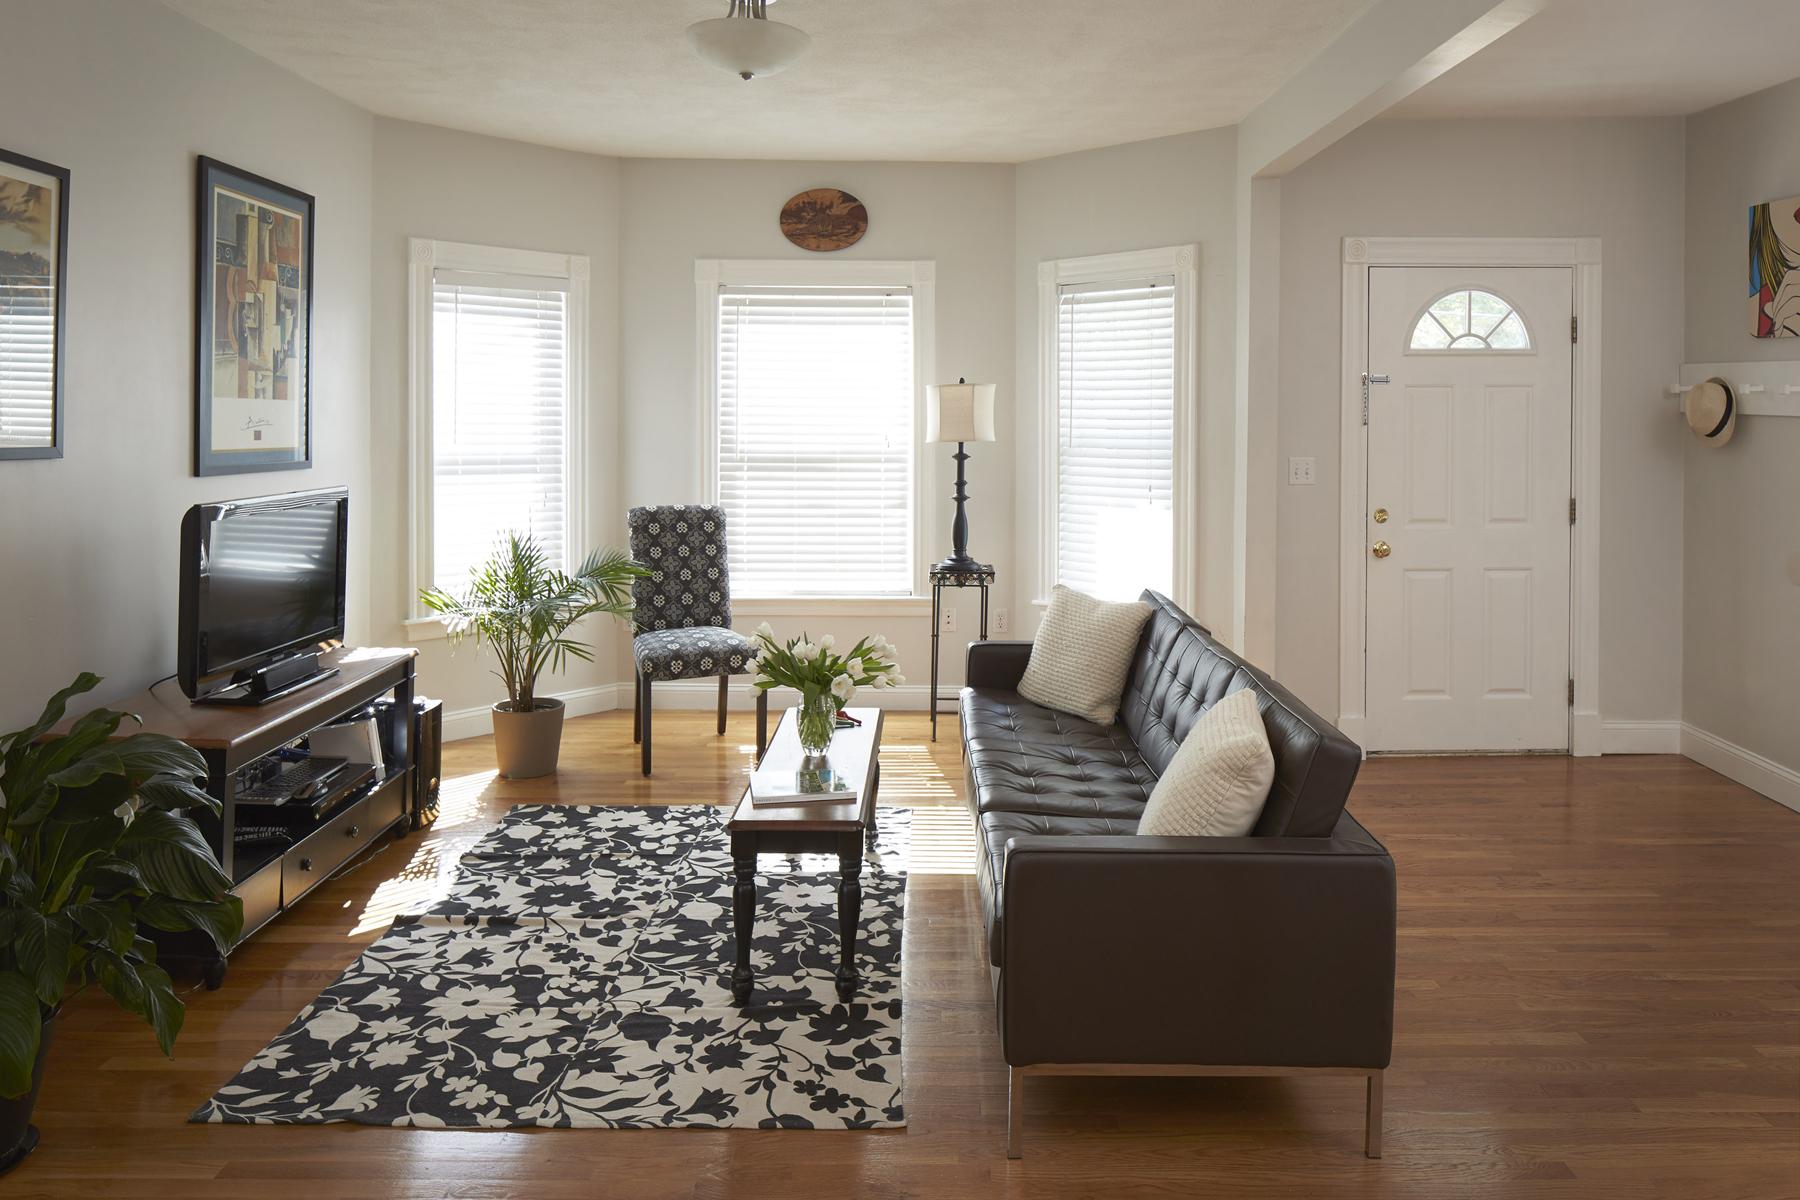 Condominio per Vendita alle ore 30-32 Charnwood Road - Somerville, MA 30-32 Charnwood Road Unit 1 Somerville, Massachusetts, 02144 Stati Uniti